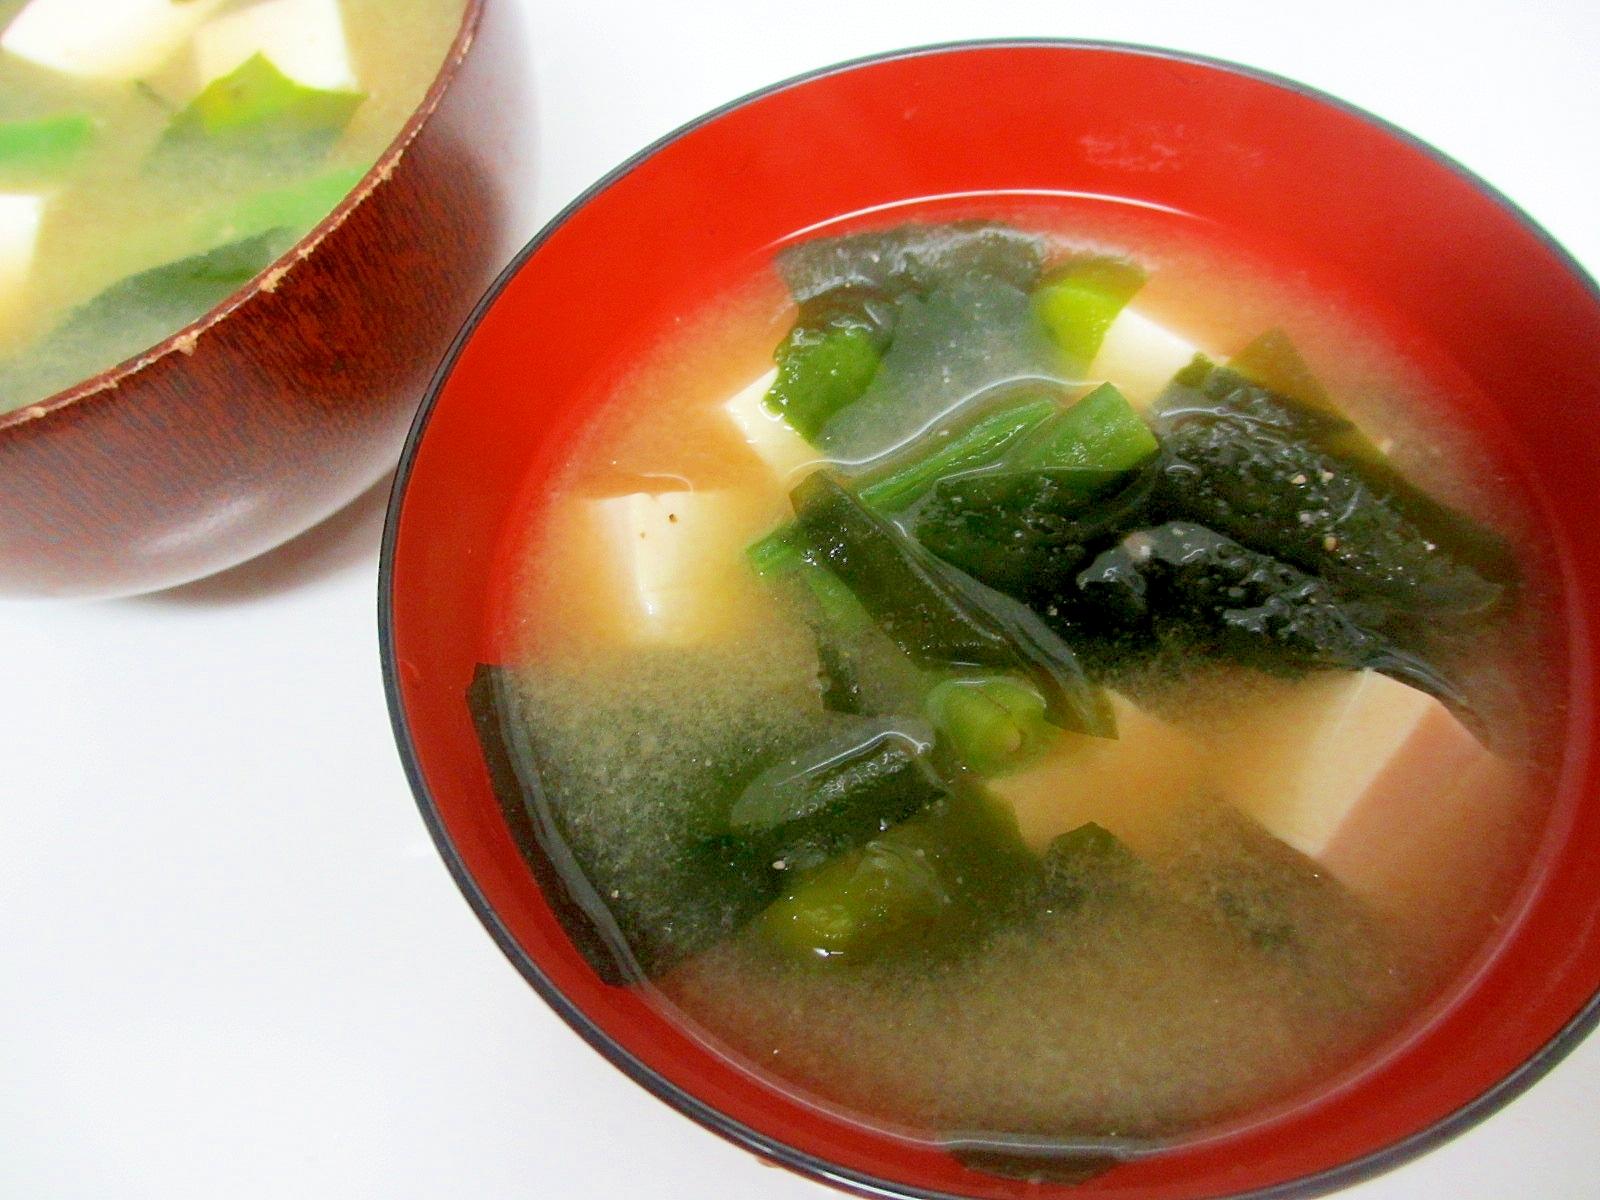 インゲン、豆腐、ワカメの味噌汁